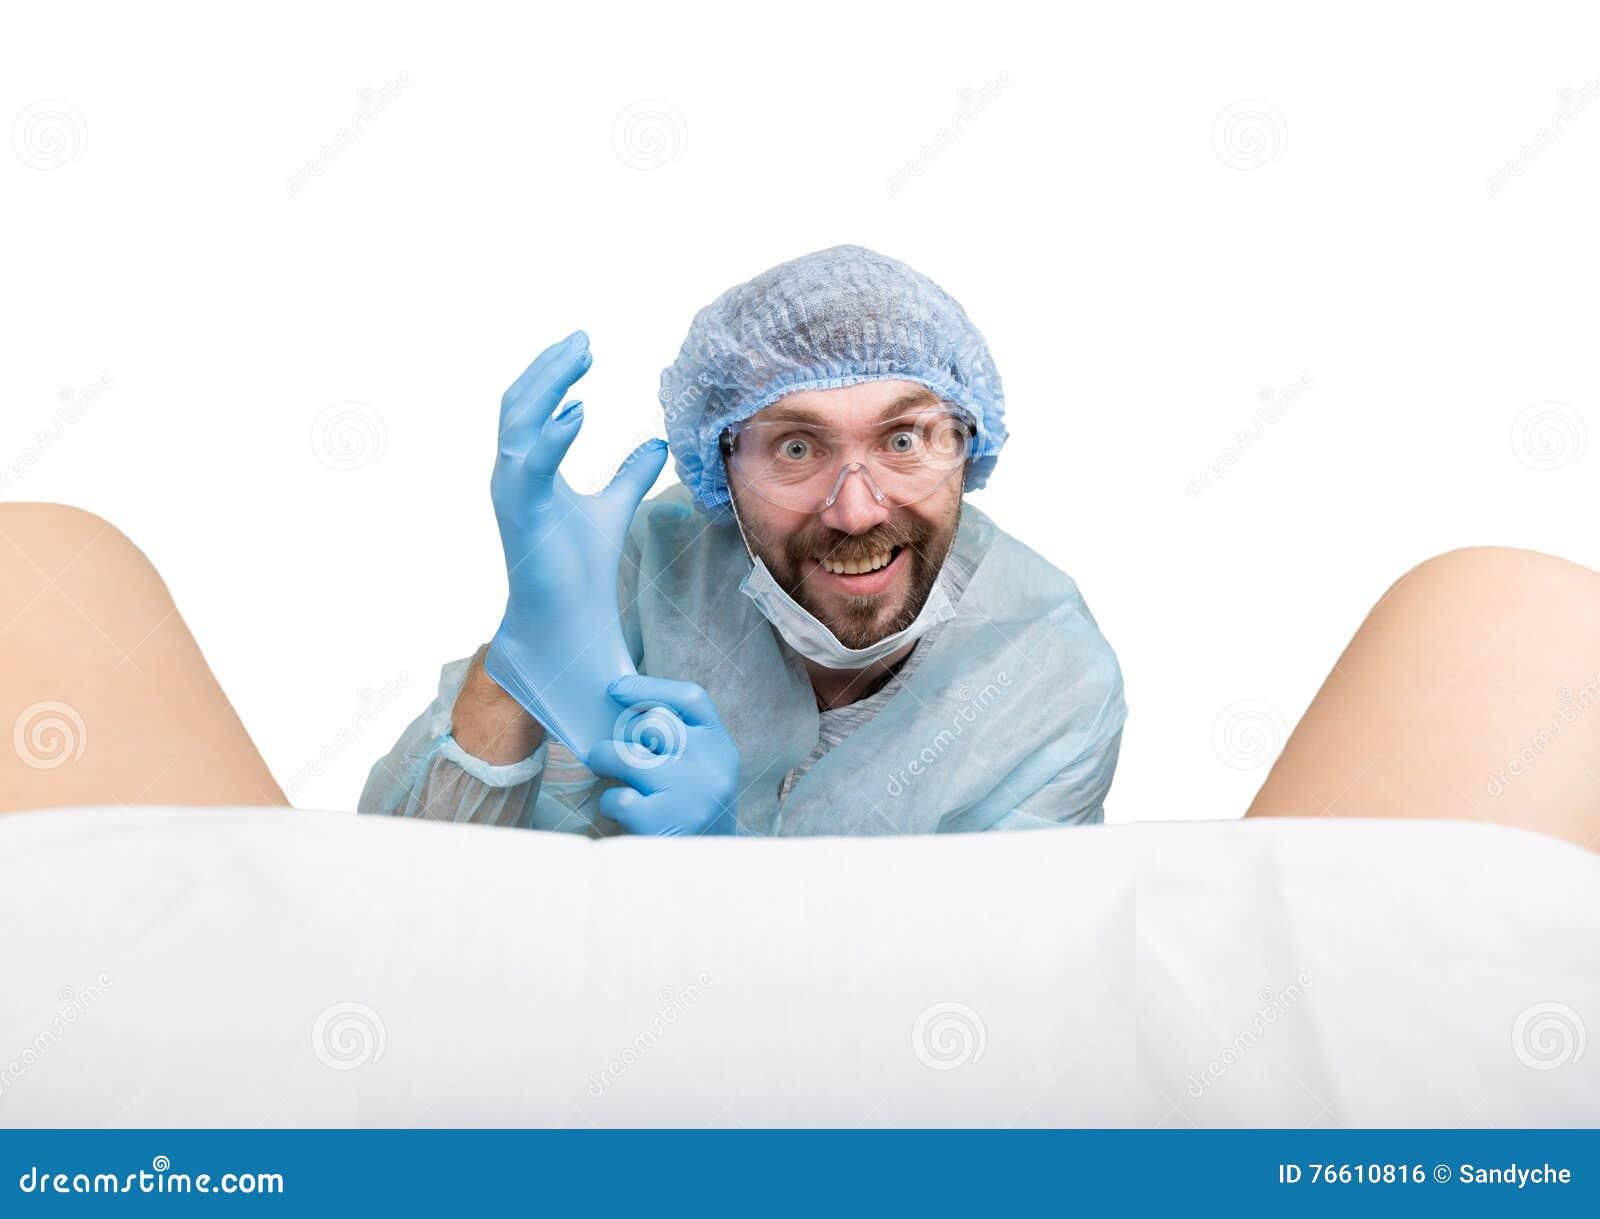 гинеколог рассматривает пациентов фото